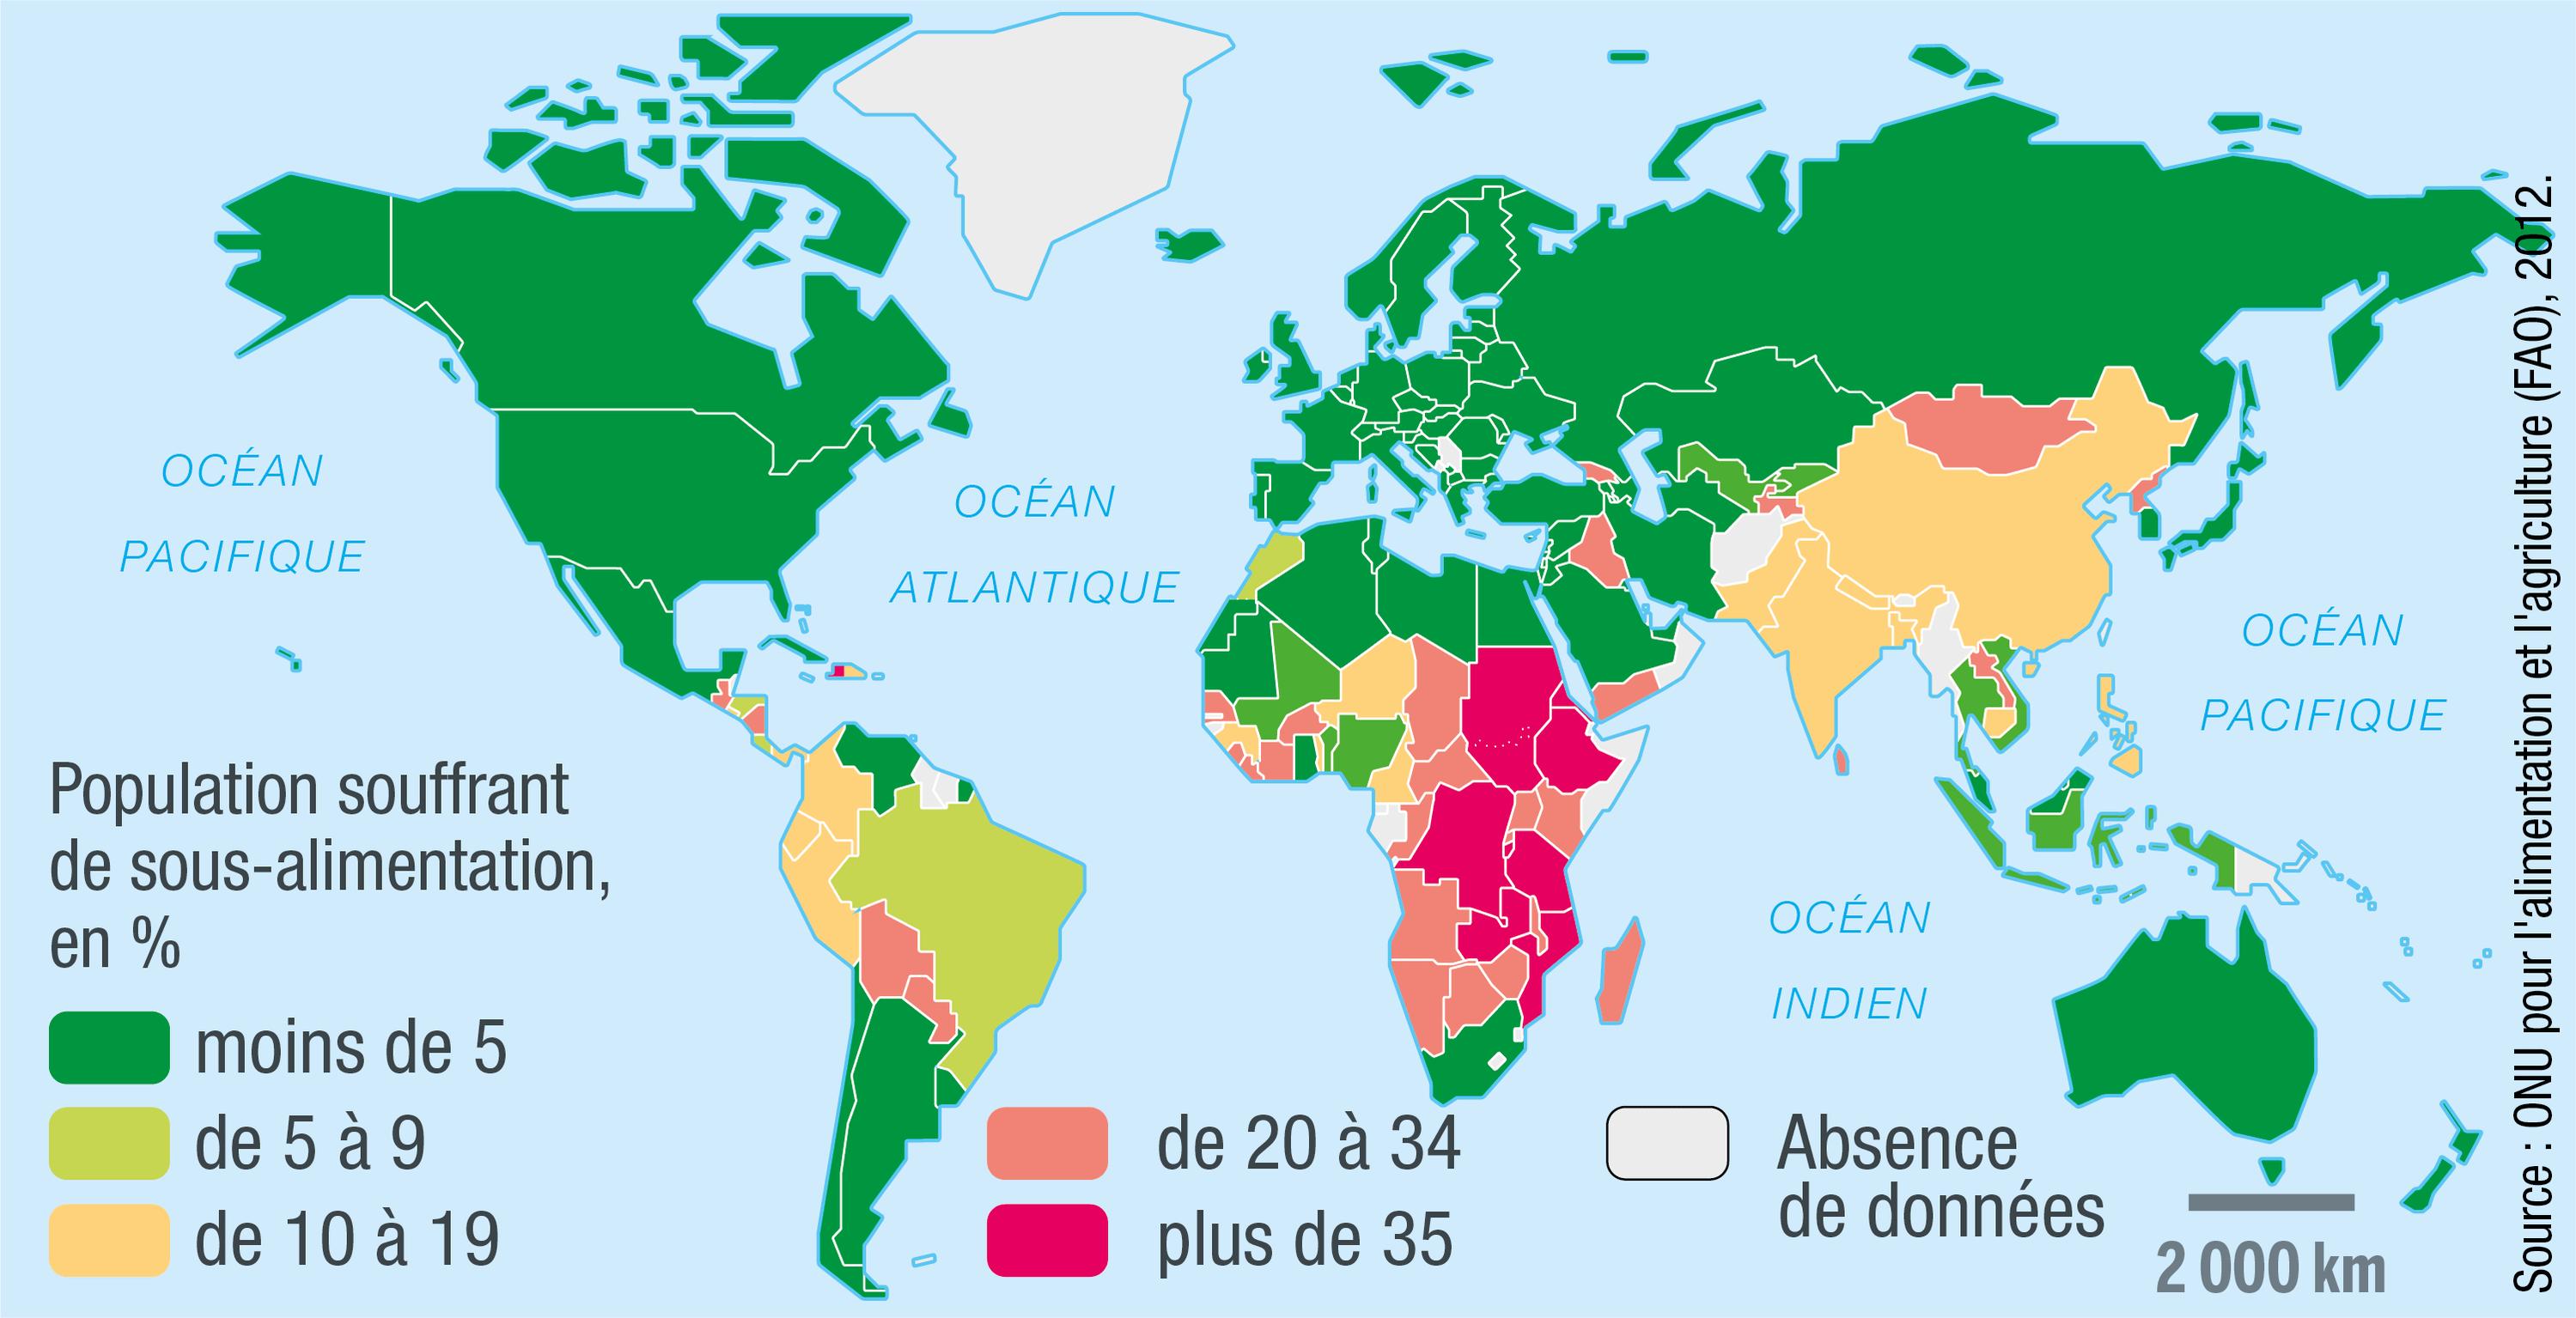 La sous-alimentation dans le monde en 2012.